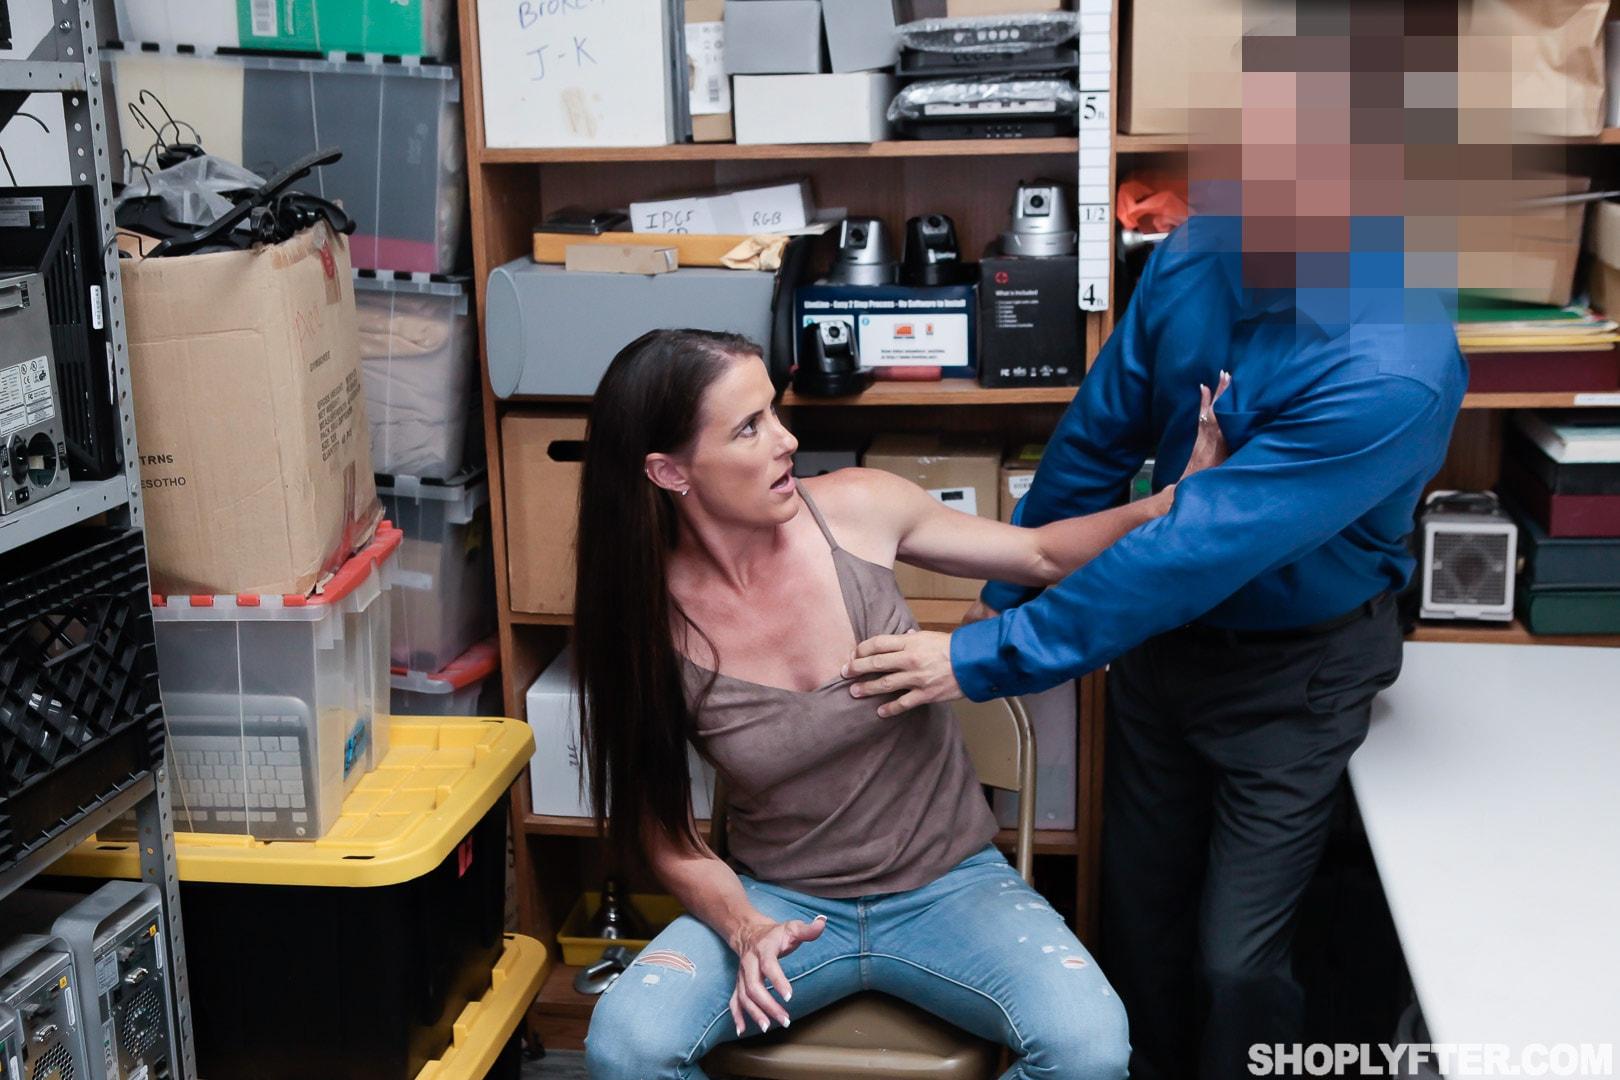 Team Skeet 'Case No. 4185156' starring Sofie Marie (Photo 18)